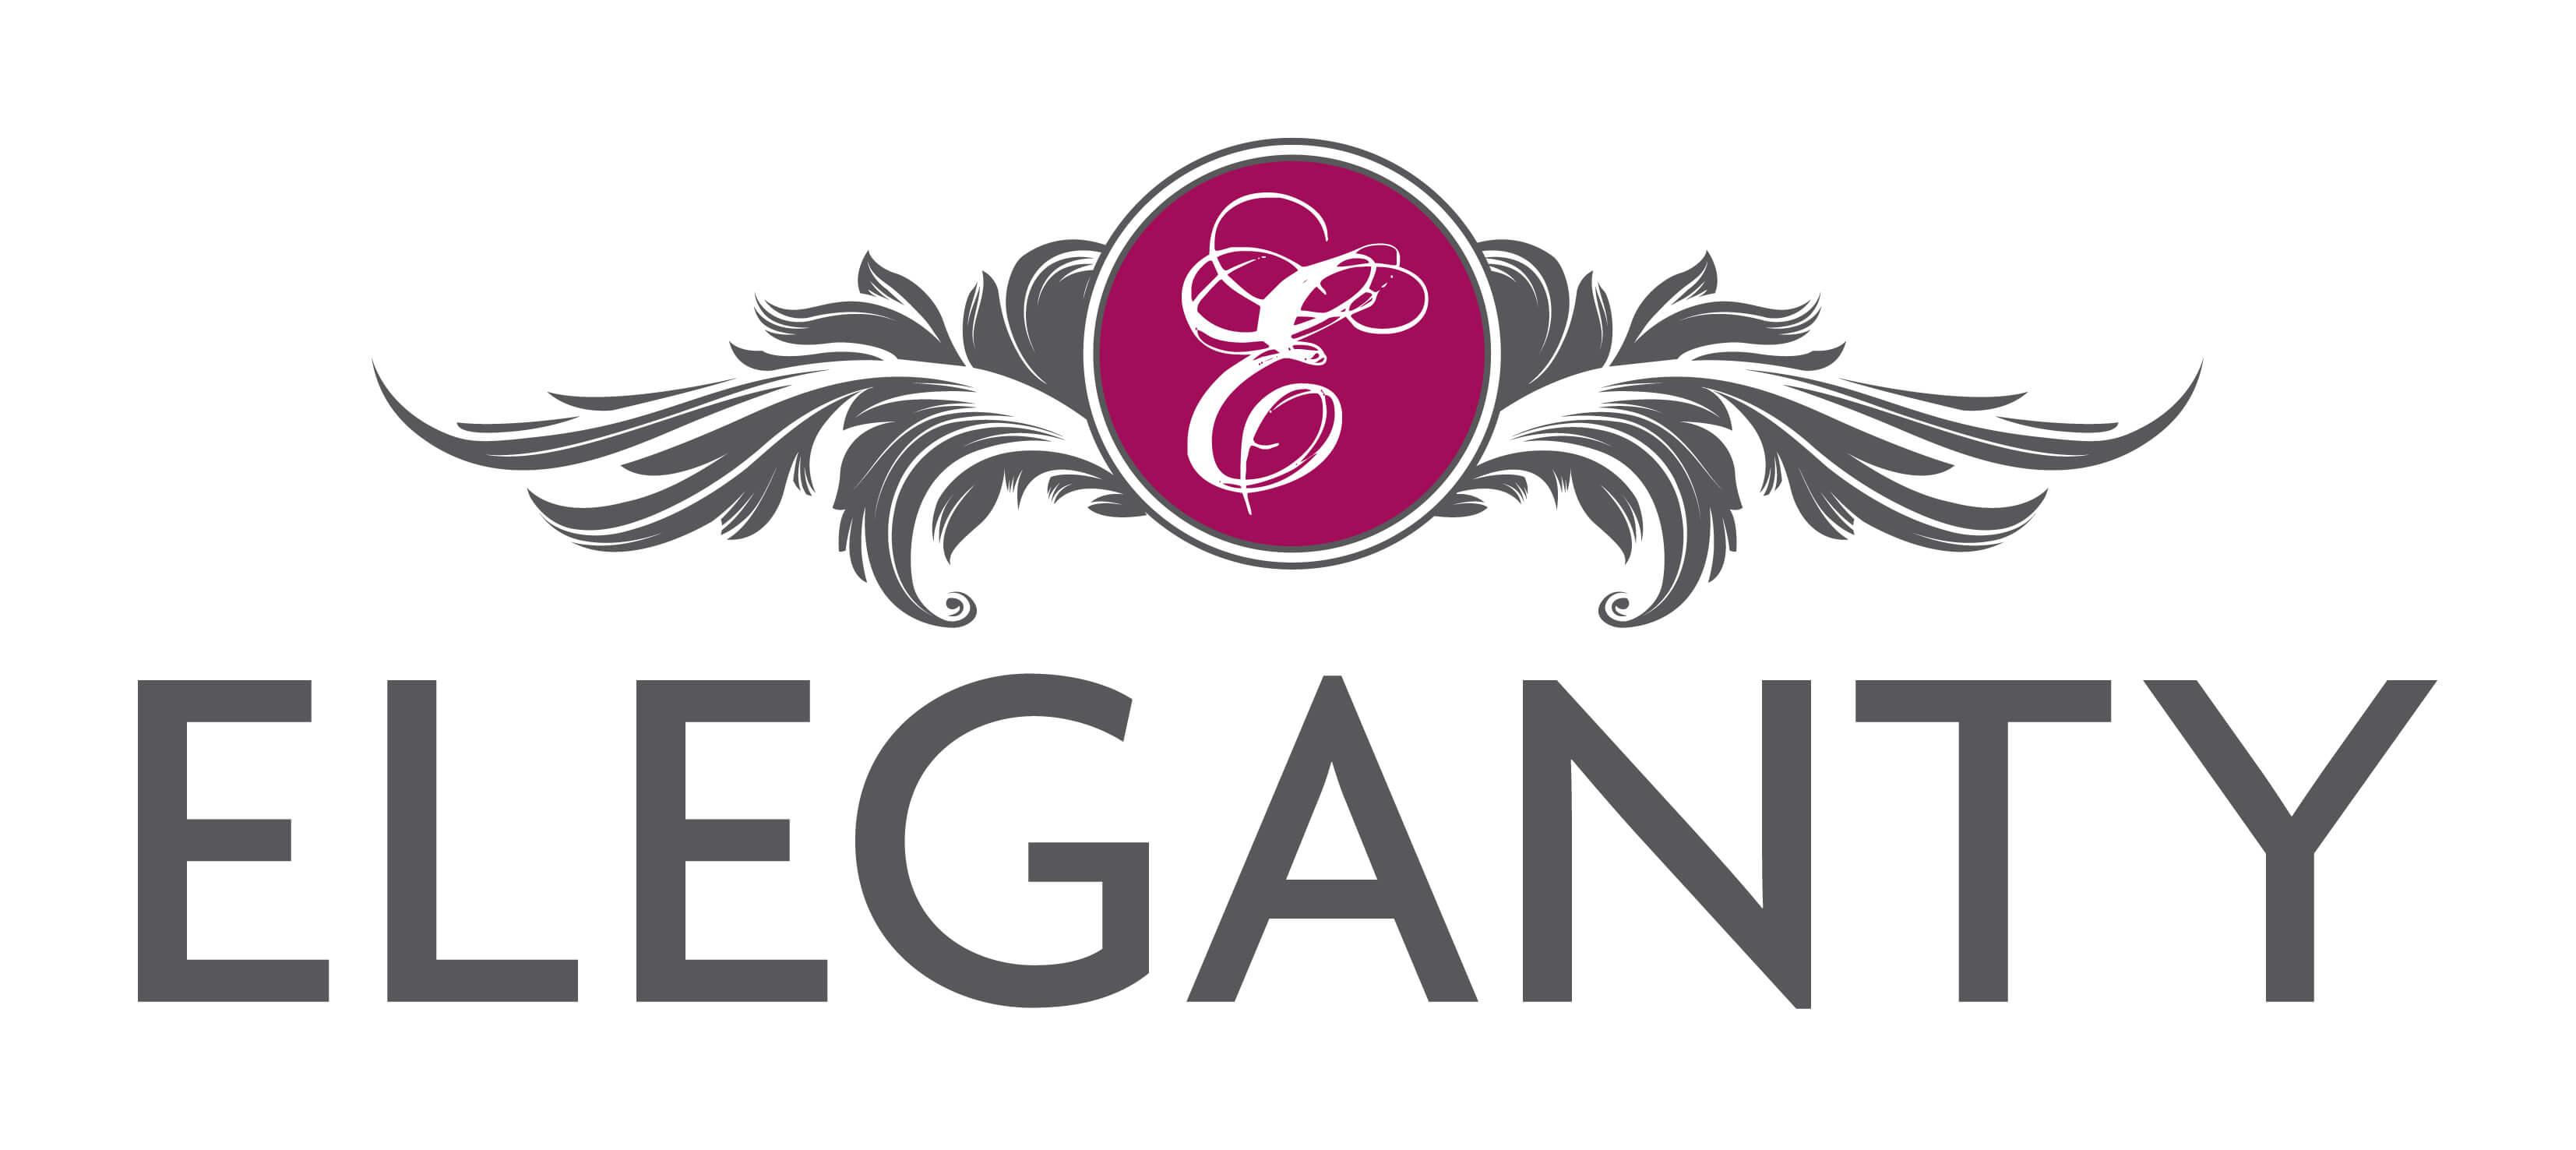 Eleganty — сайт об элегантности